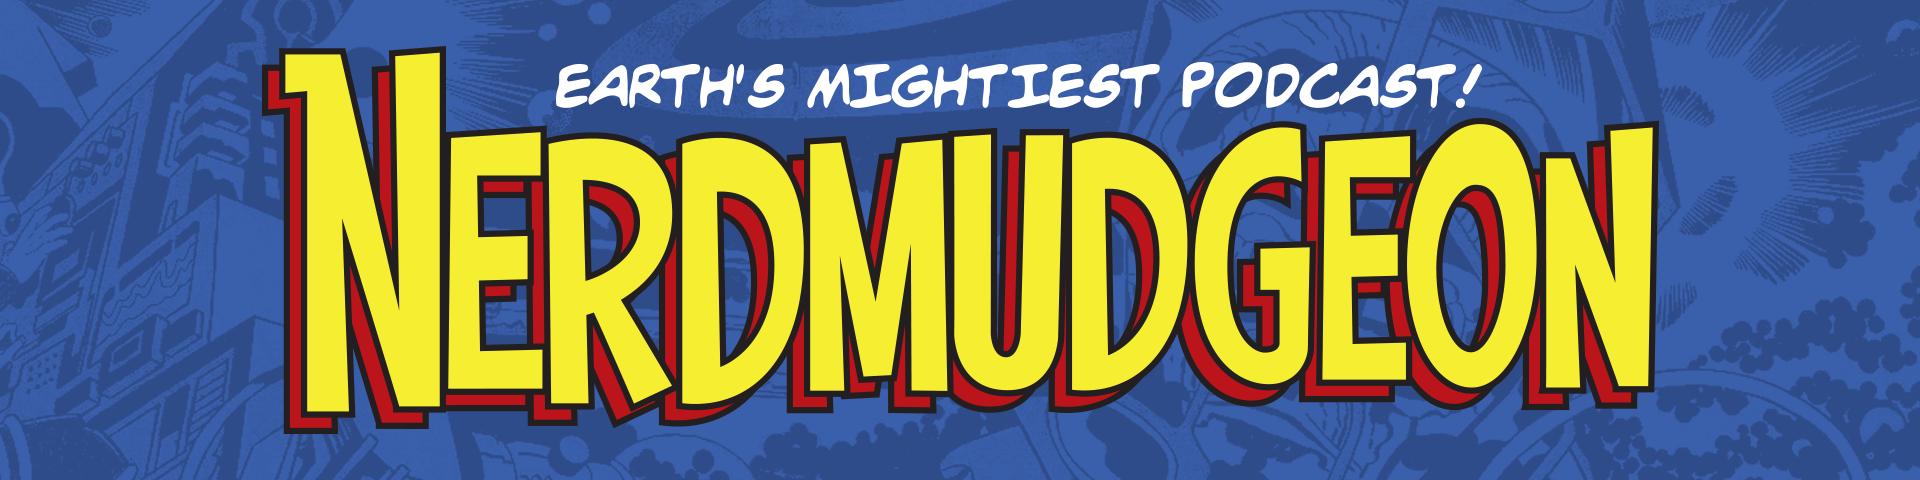 Earth's Mightiest Podcast: Nerdmudgeon